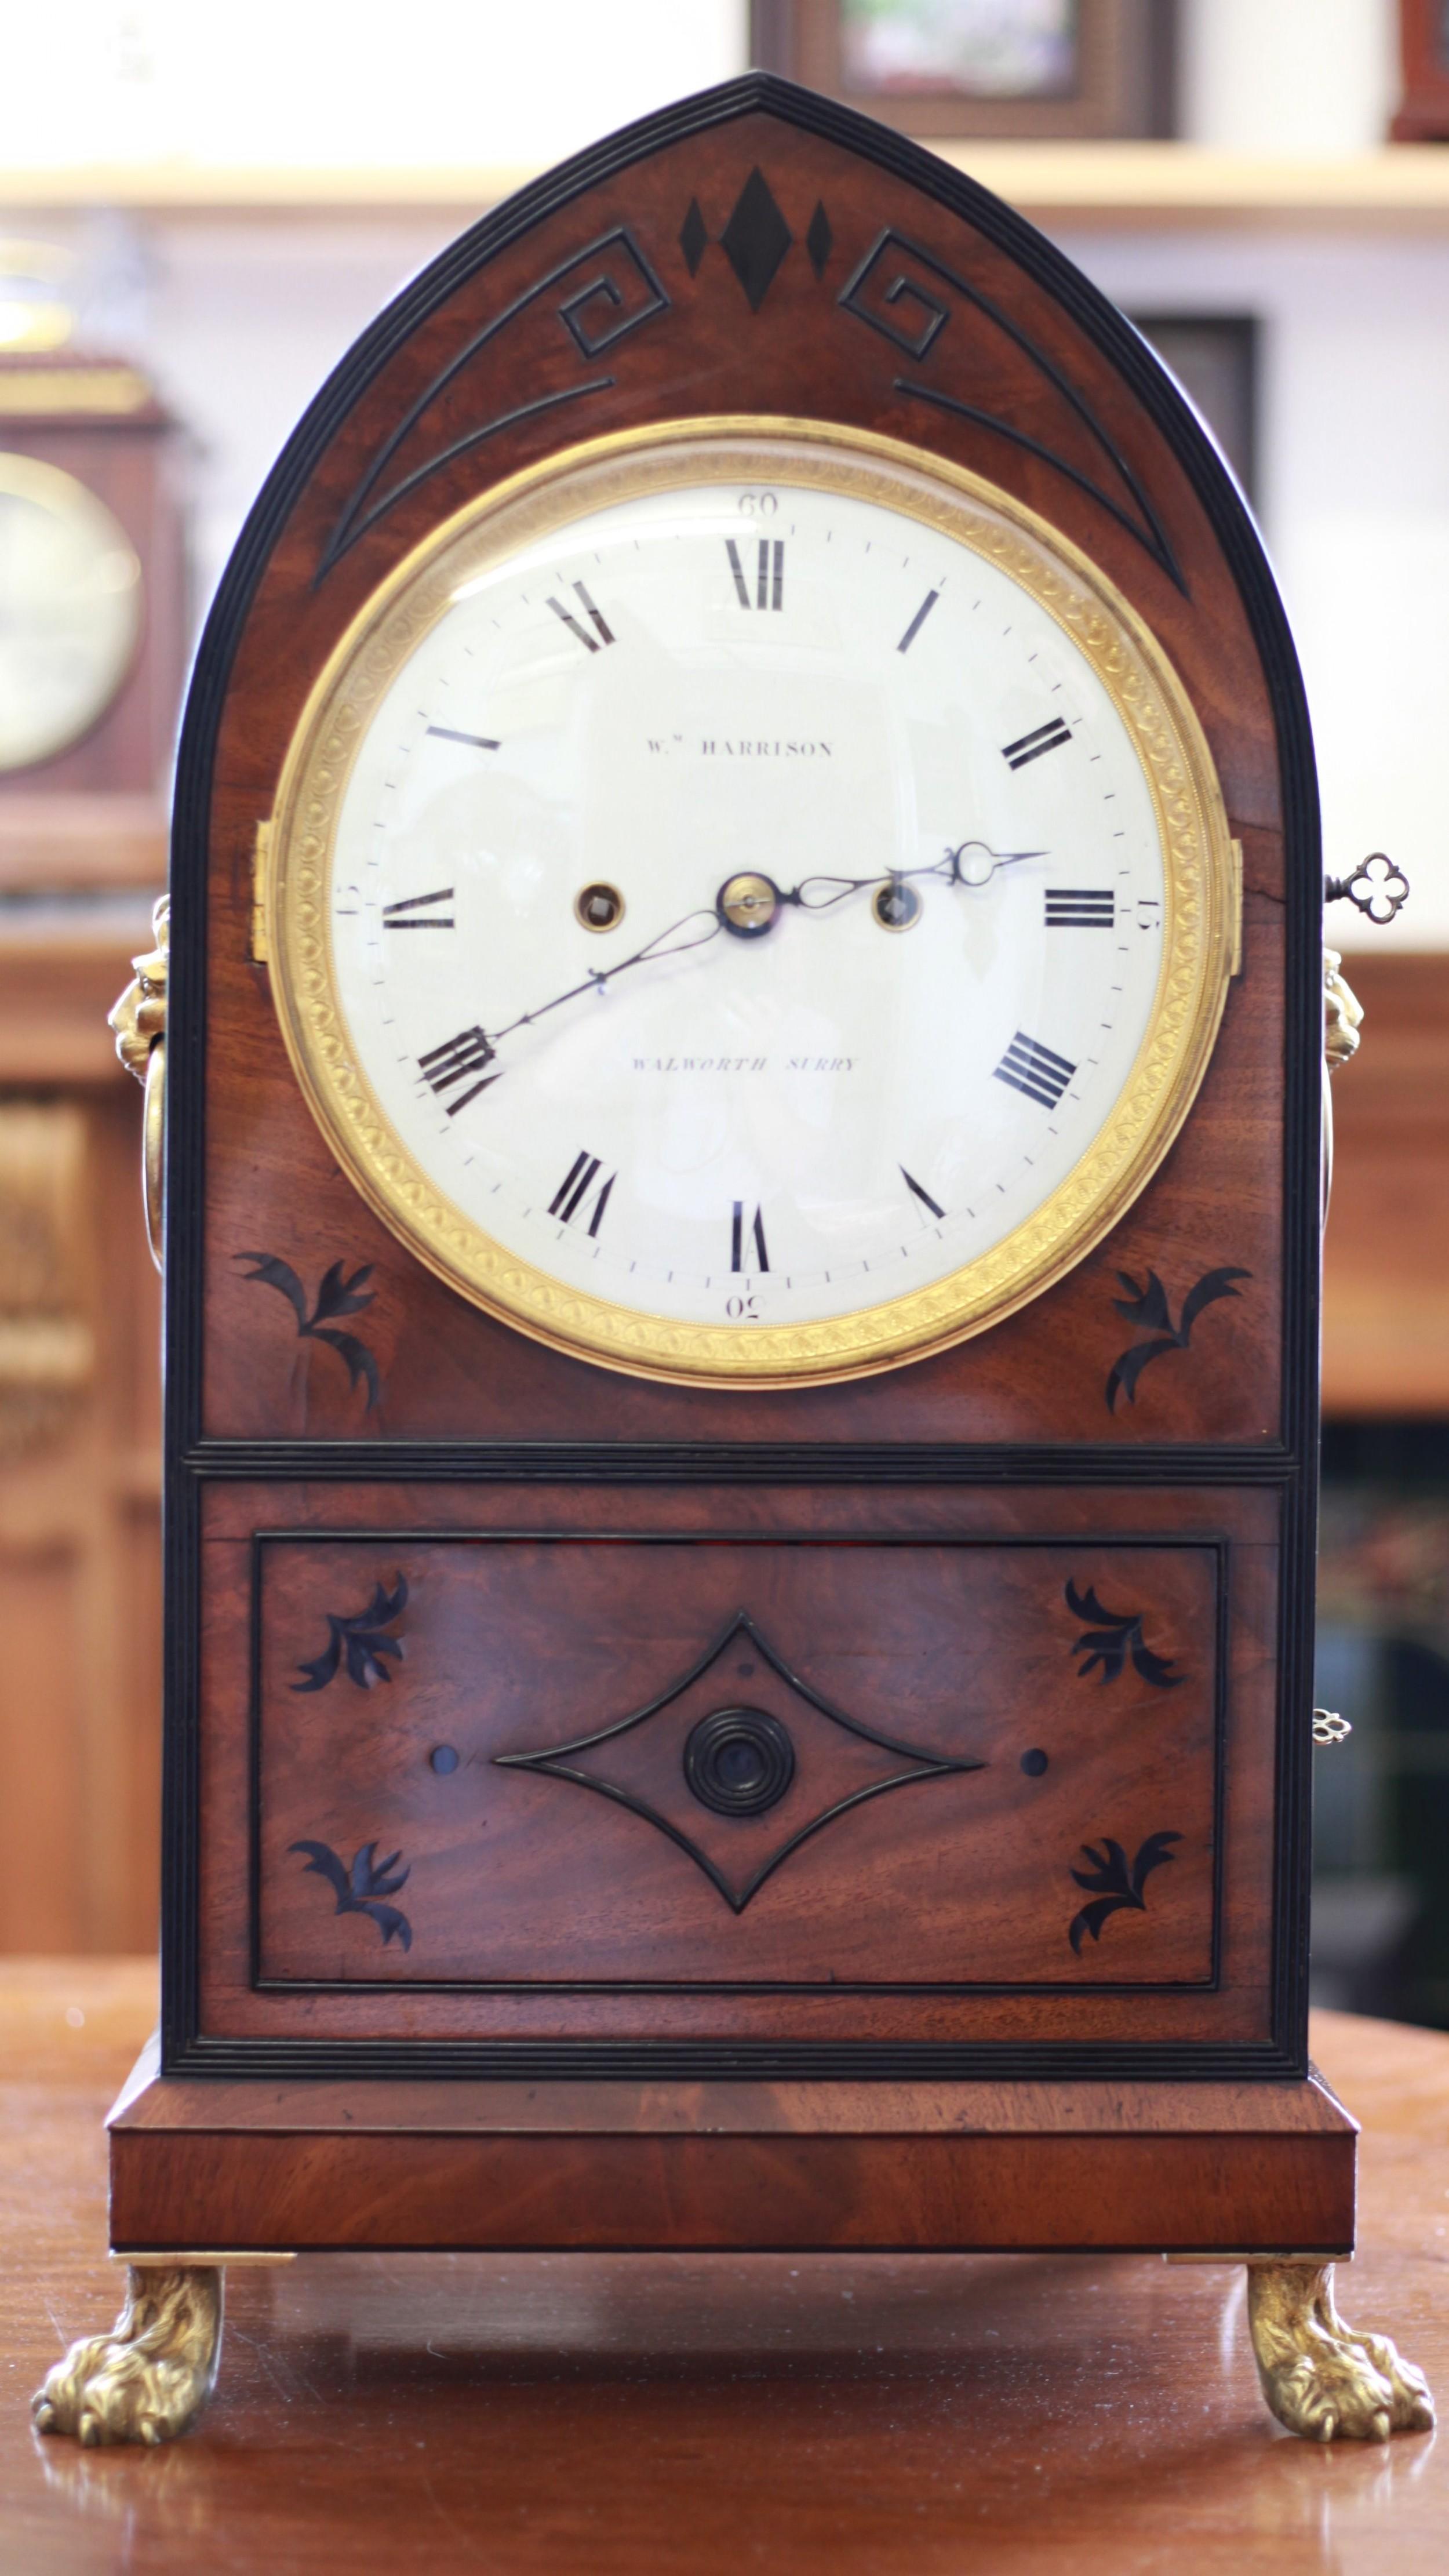 unique mahogany precision table regulator by wm harrison c1800